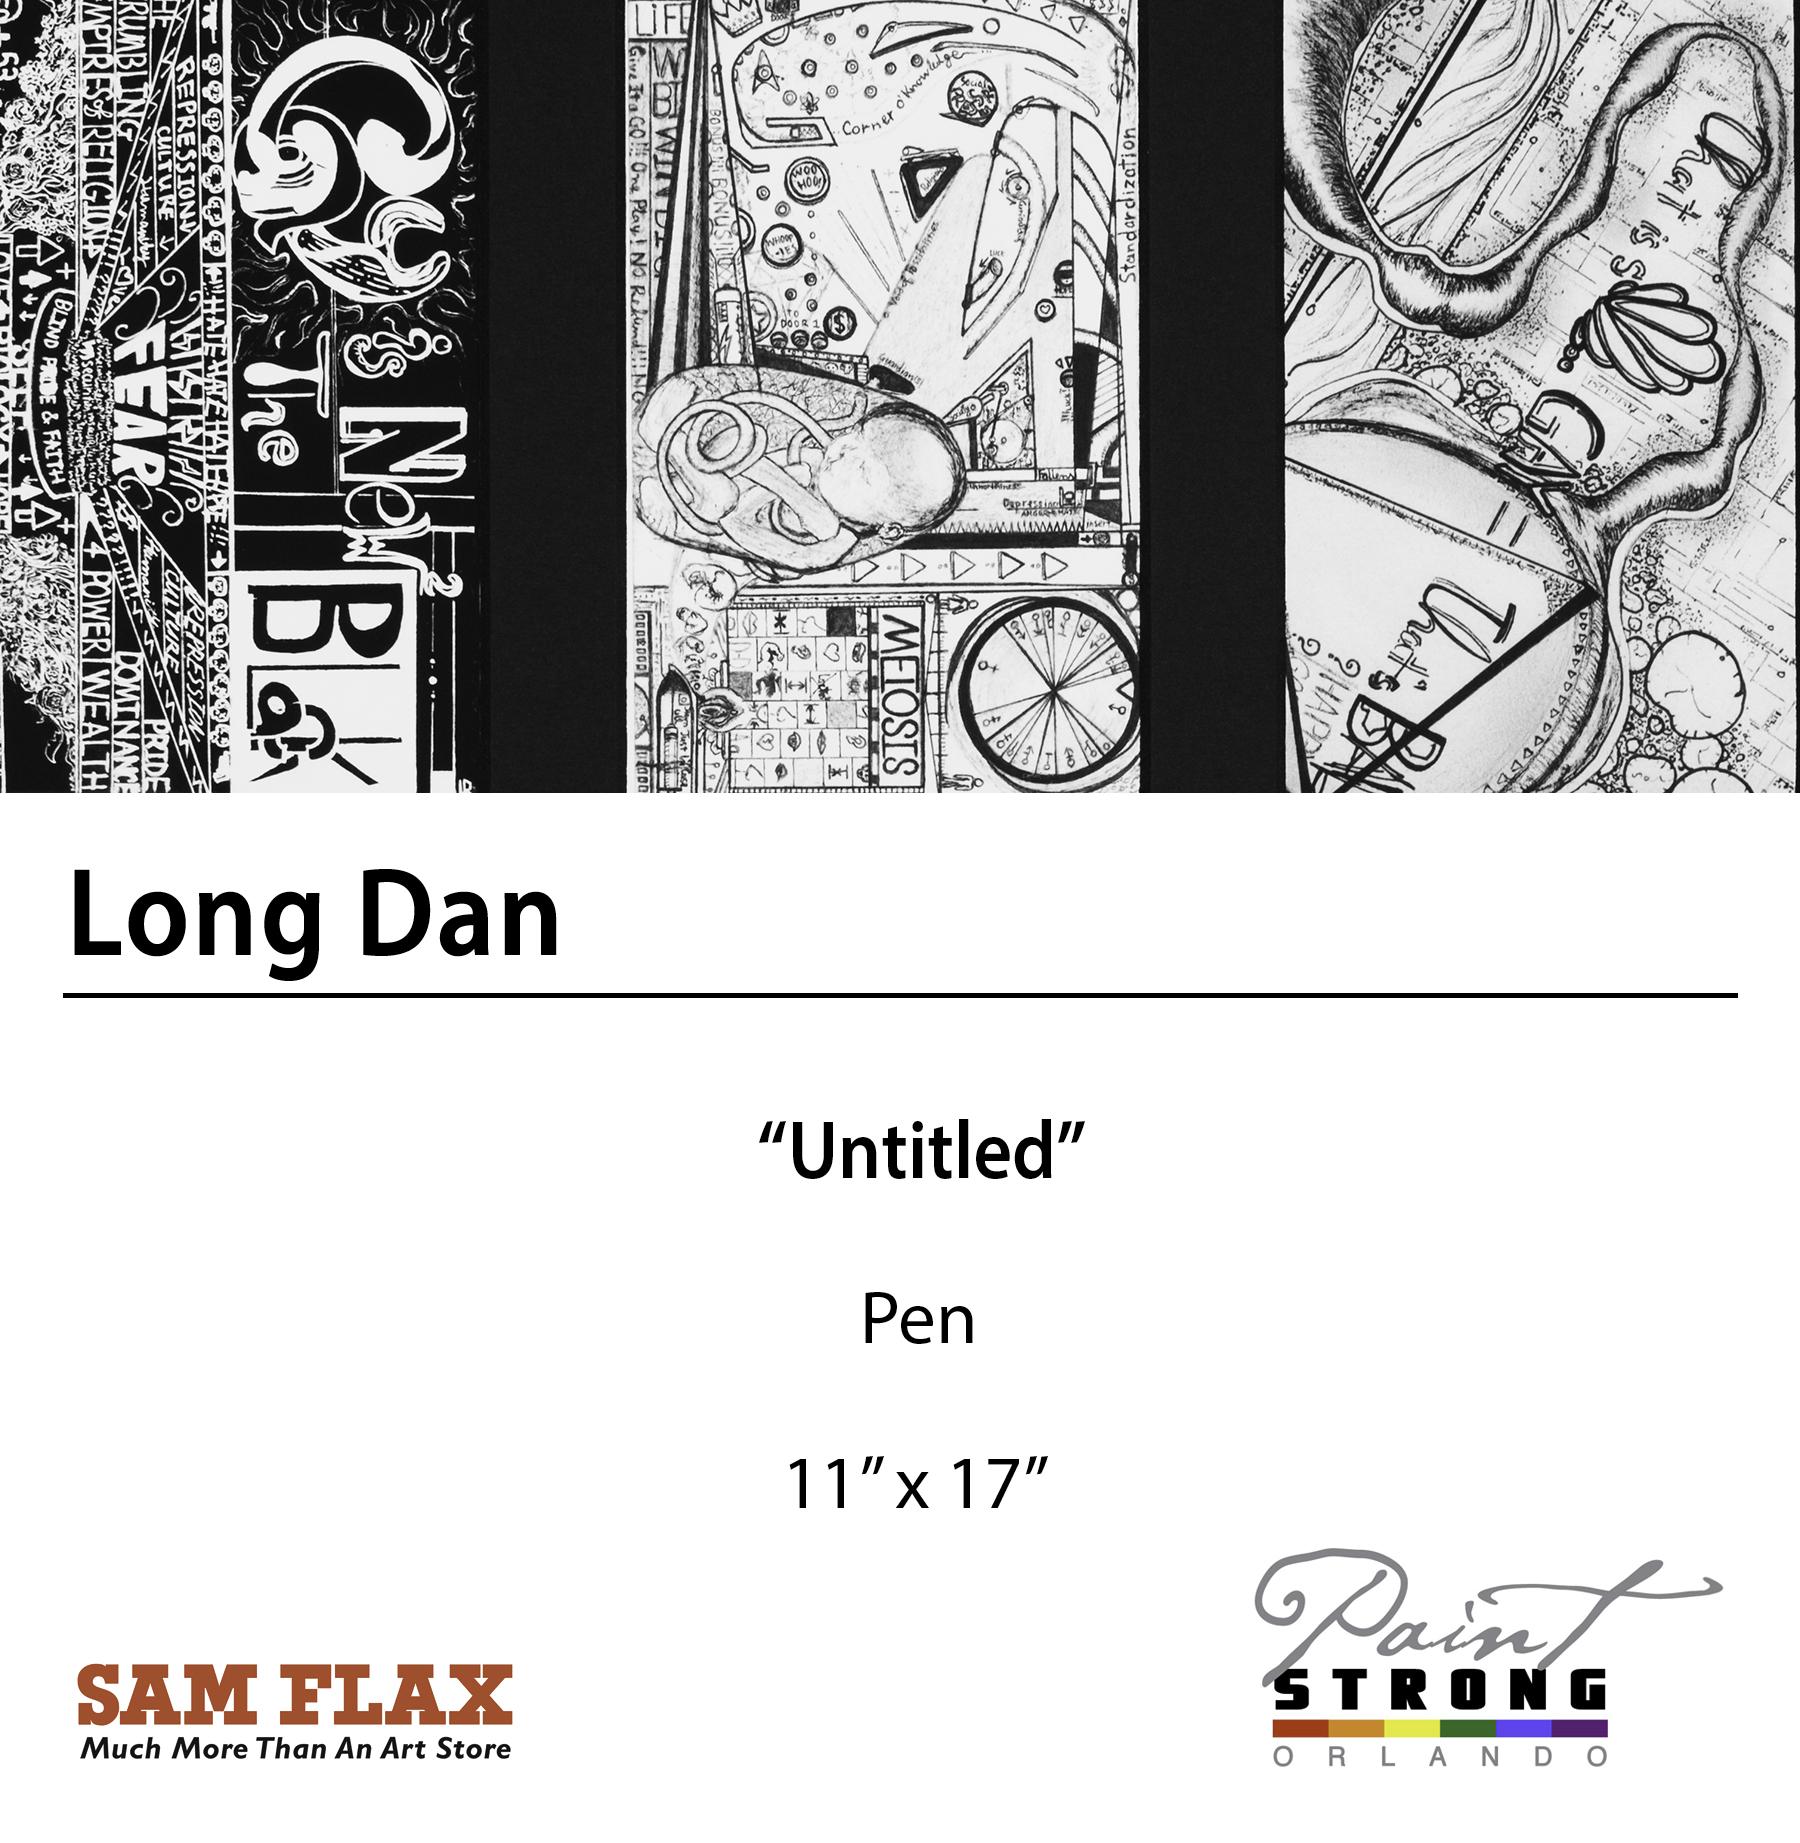 Long Dan